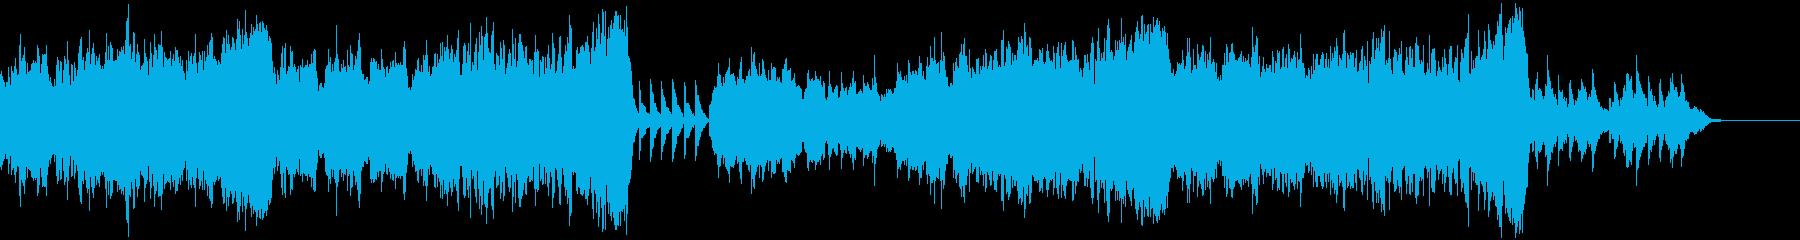 ストリングスのバラード曲の再生済みの波形